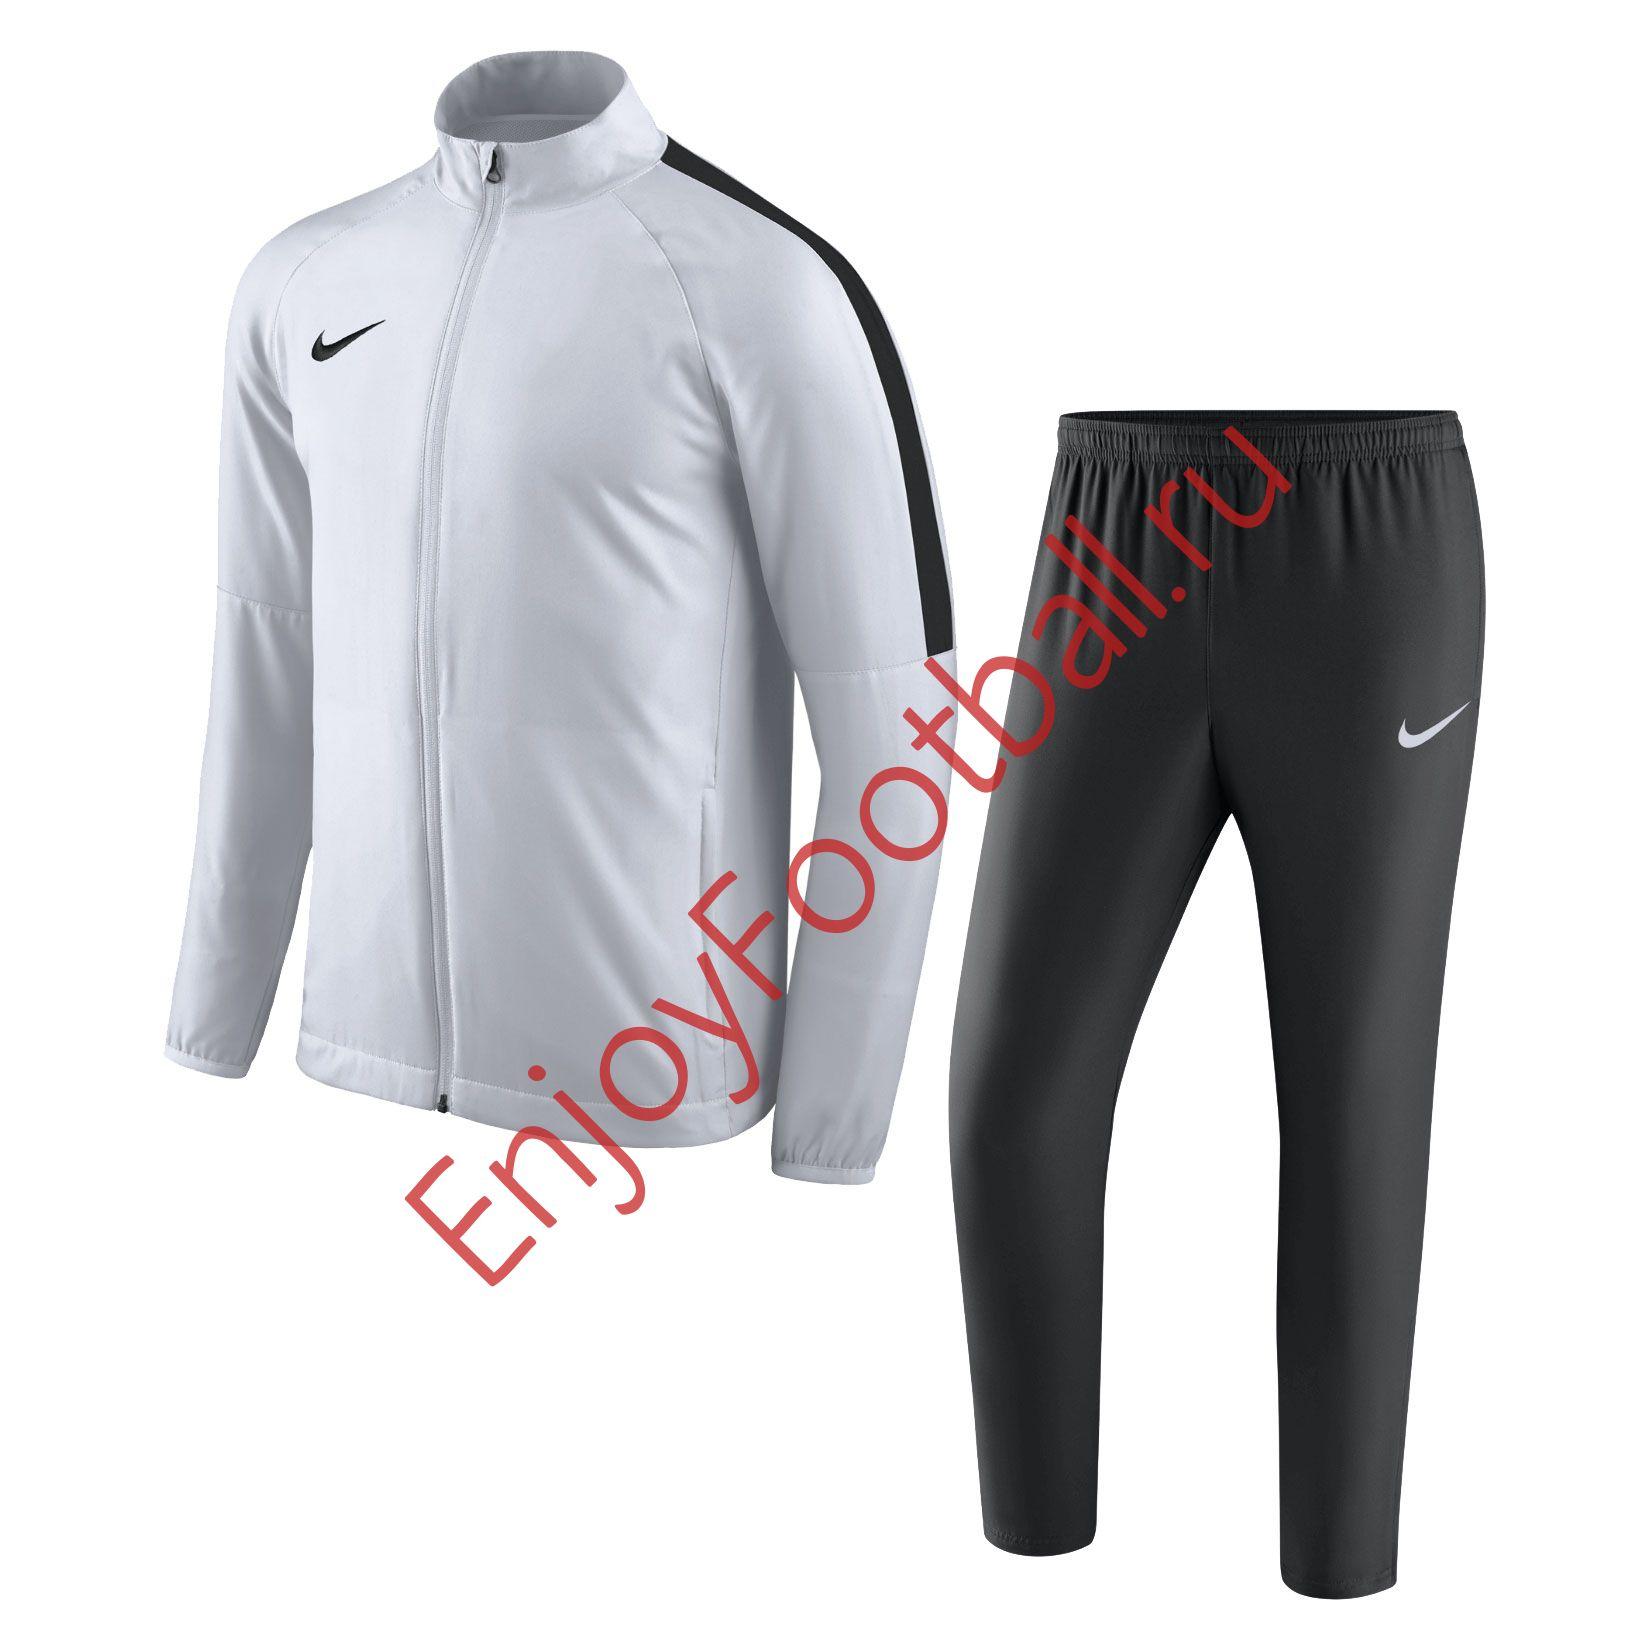 b77c9f8e Детский спортивный костюм NIKE DRY ACDMY18 WOVEN TRK SUIT JR 893805-100